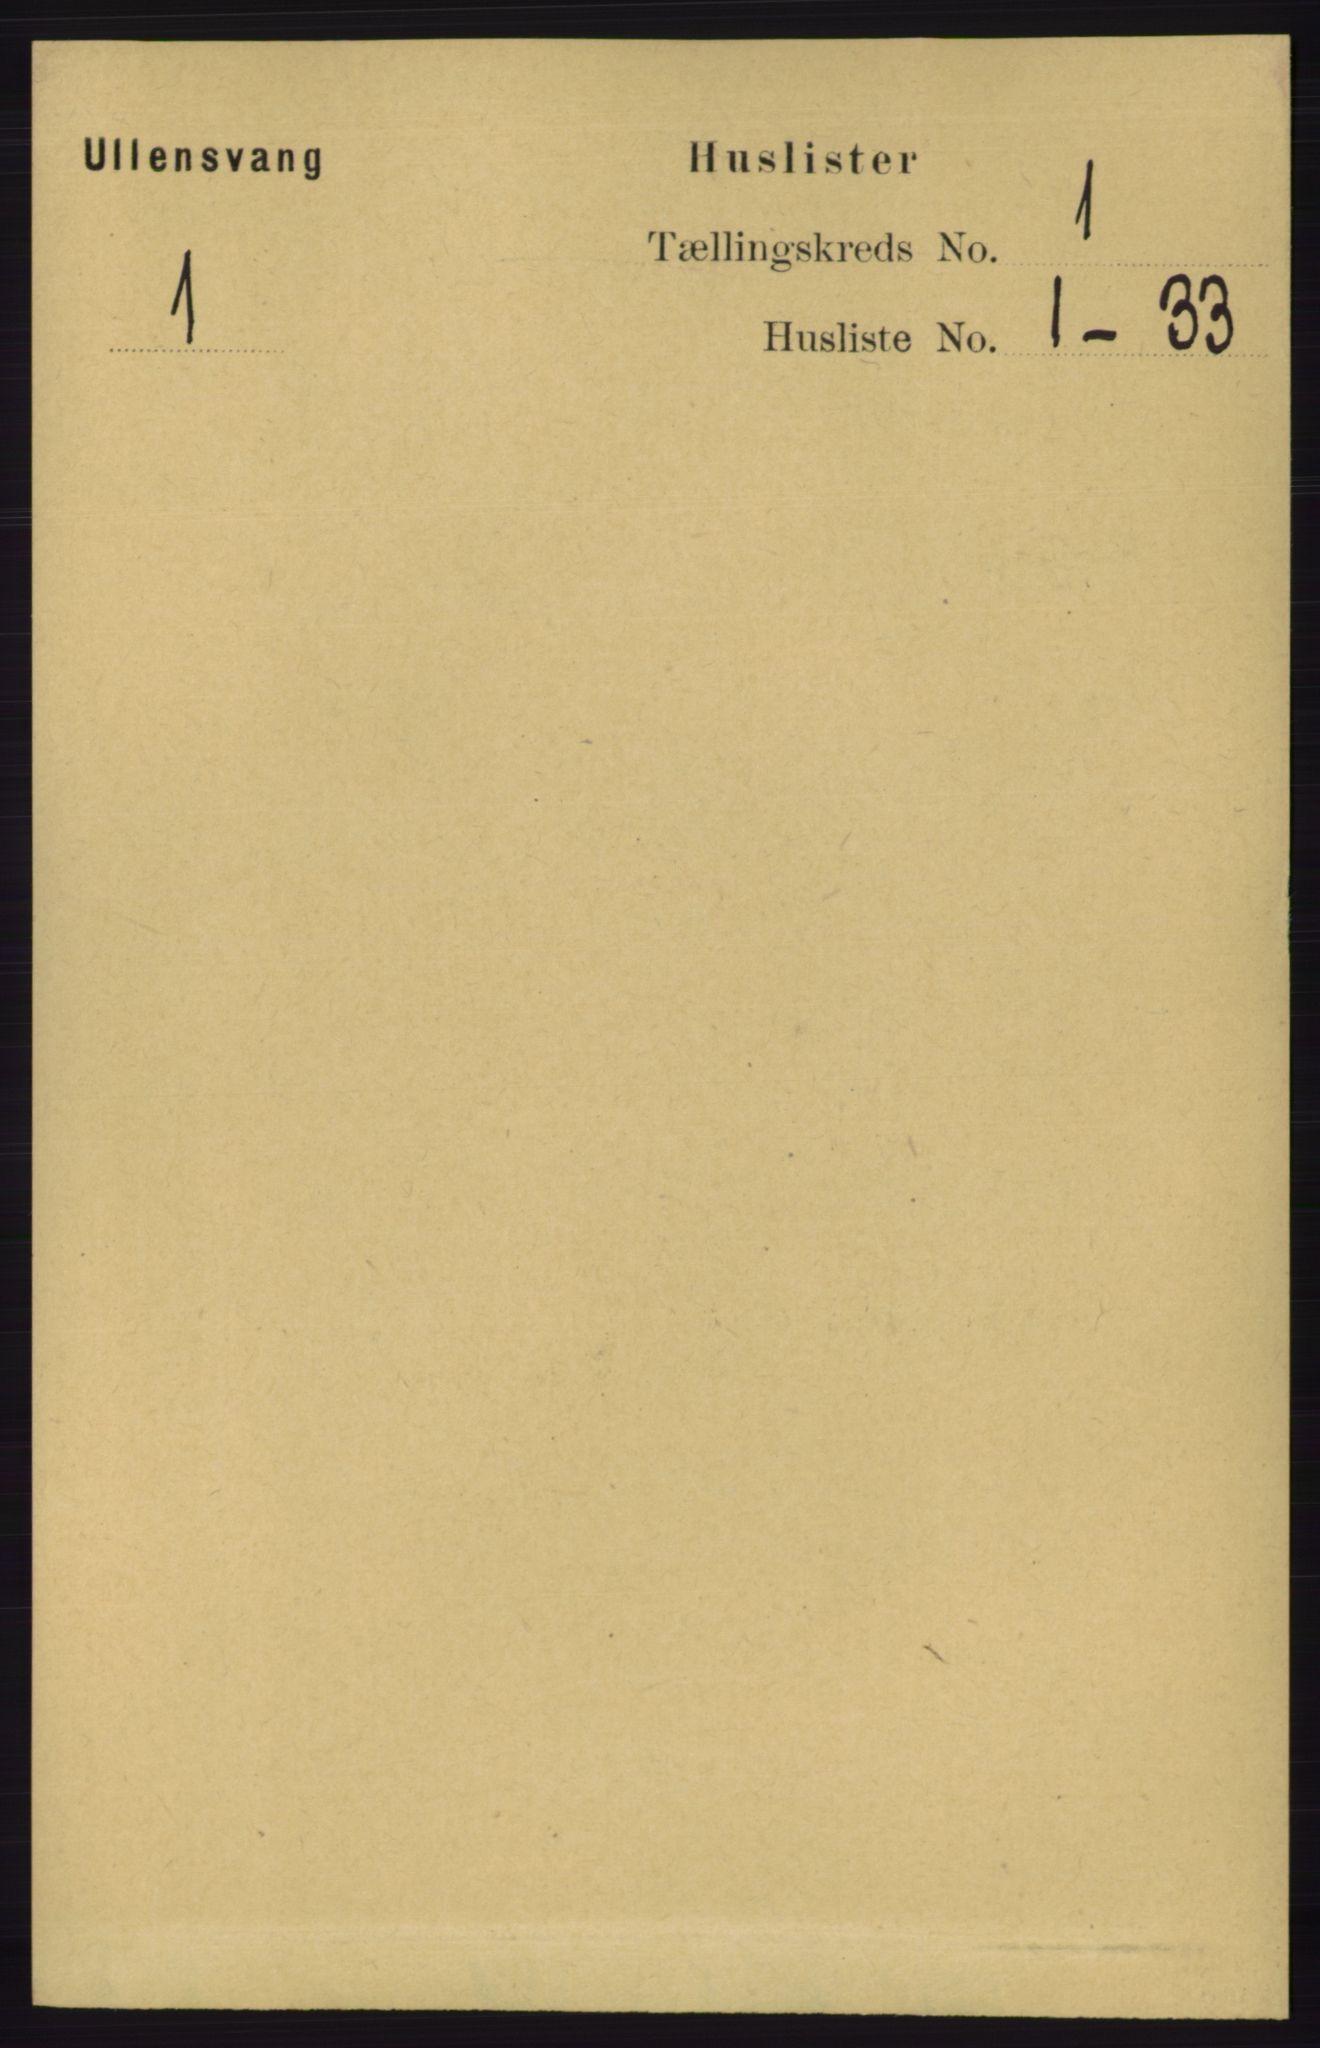 RA, Folketelling 1891 for 1230 Ullensvang herred, 1891, s. 44